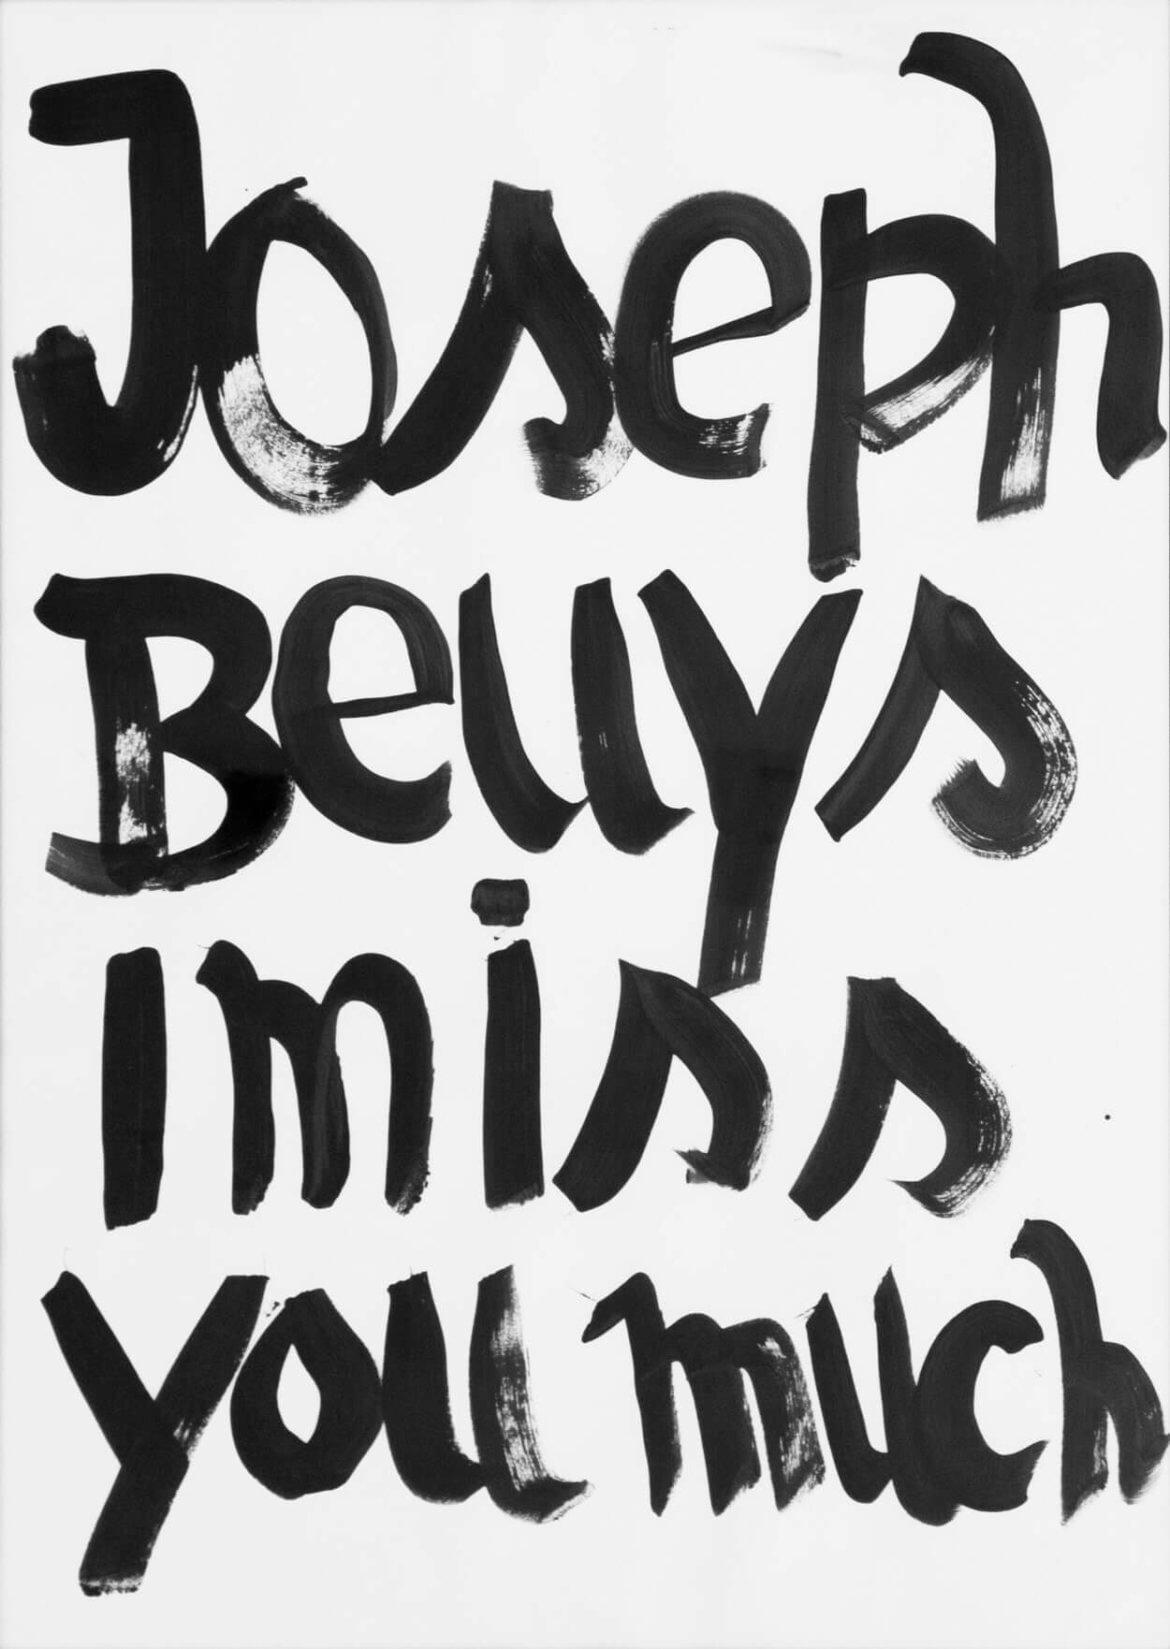 Daniel_Angermann_Beuys_i_miss_you_much Beuys vermisst